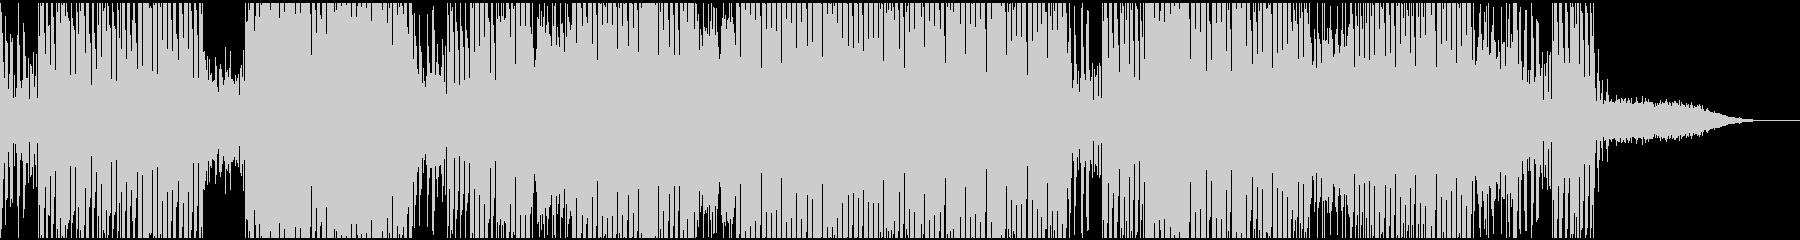 ホラー,サイコなテクノサウンドの未再生の波形